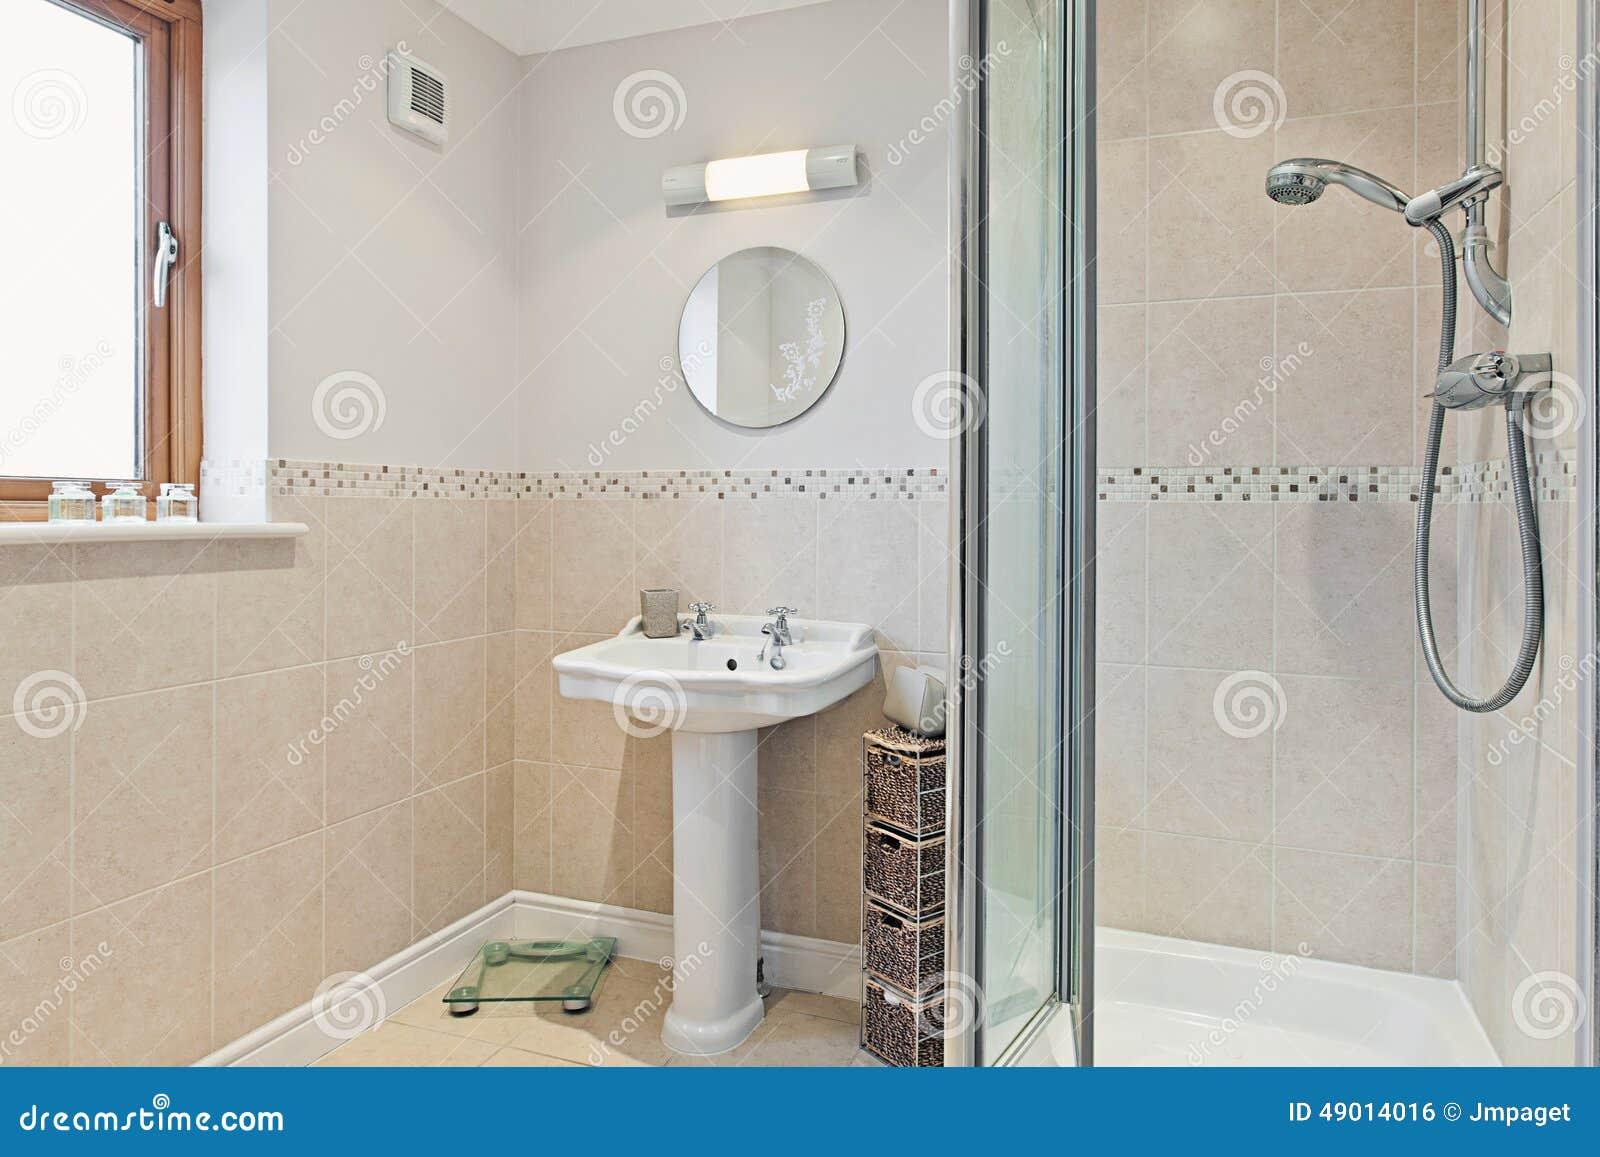 Salle de bain moderne avec douche avec des for Salle de bain moderne avec douche